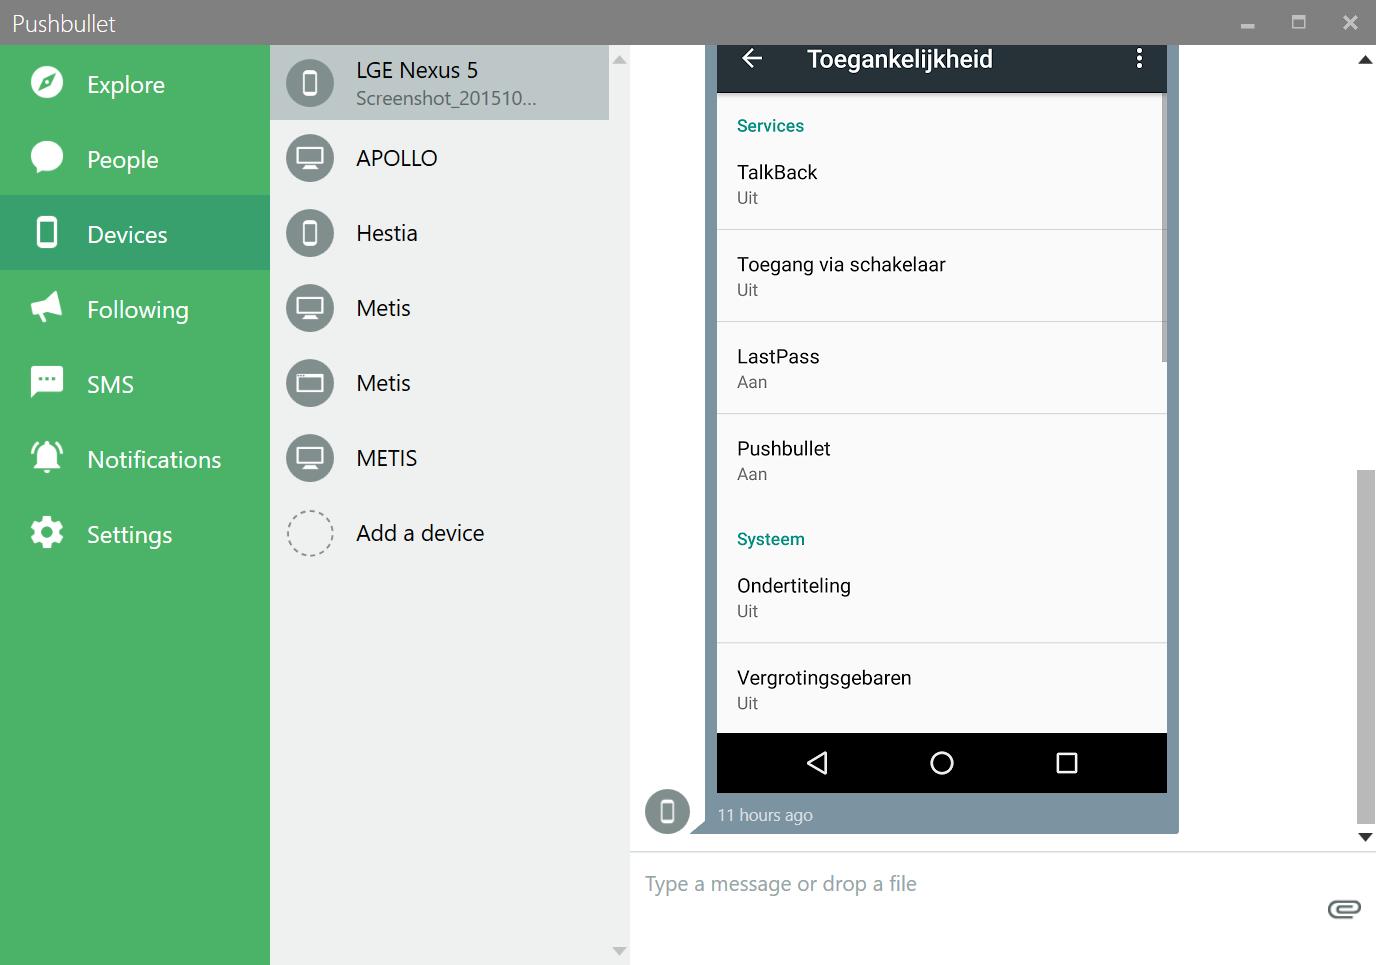 Het hoofdscherm van Pushbullet met links de verschillende tabbladen: People, Devices, Following, Notifications en SMS